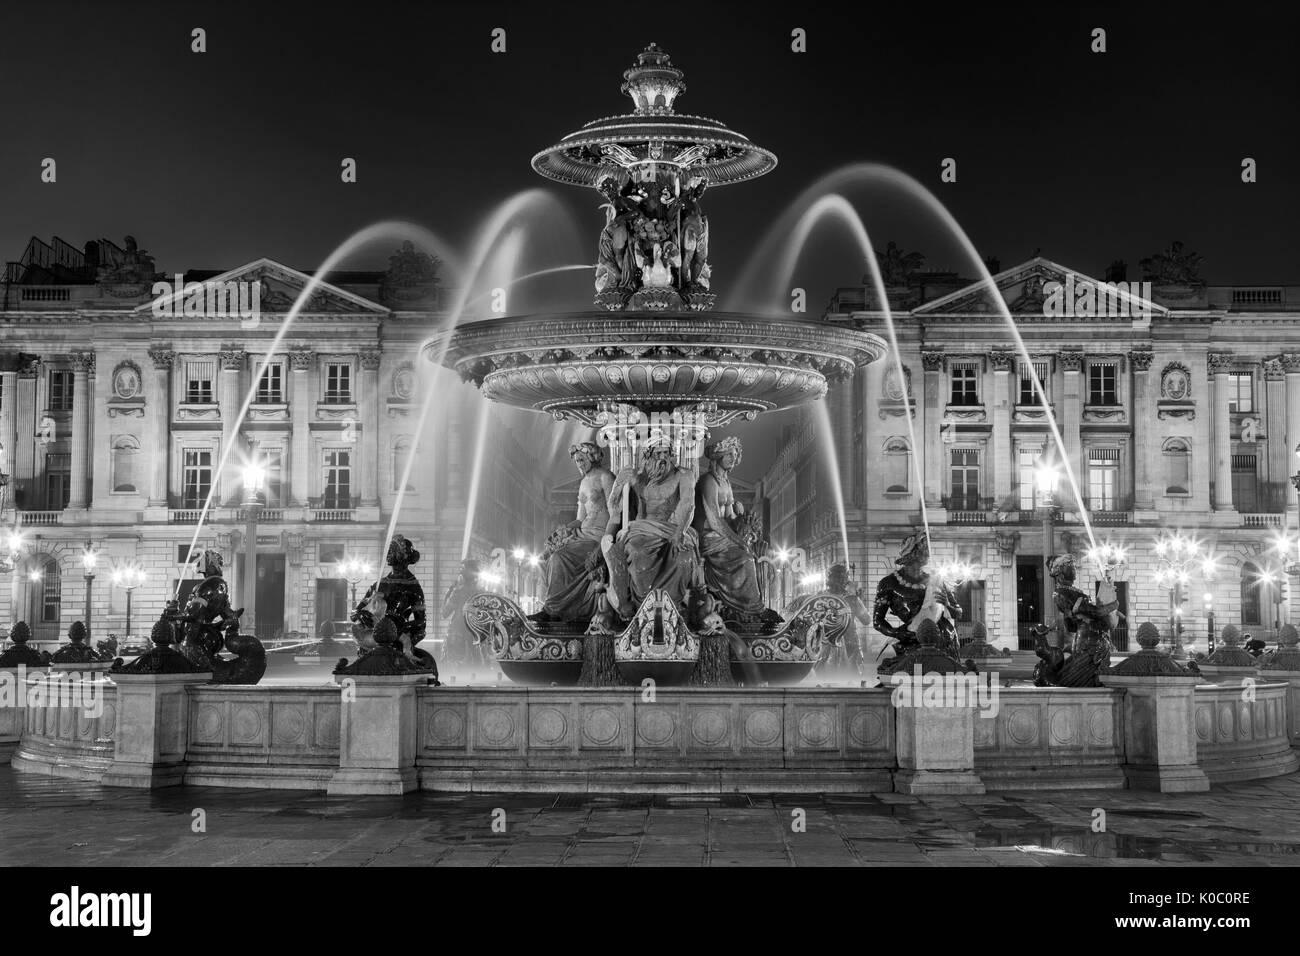 Fontaine des Fleuves, fuente de los ríos en la Place de la Concorde, París Francia Imagen De Stock